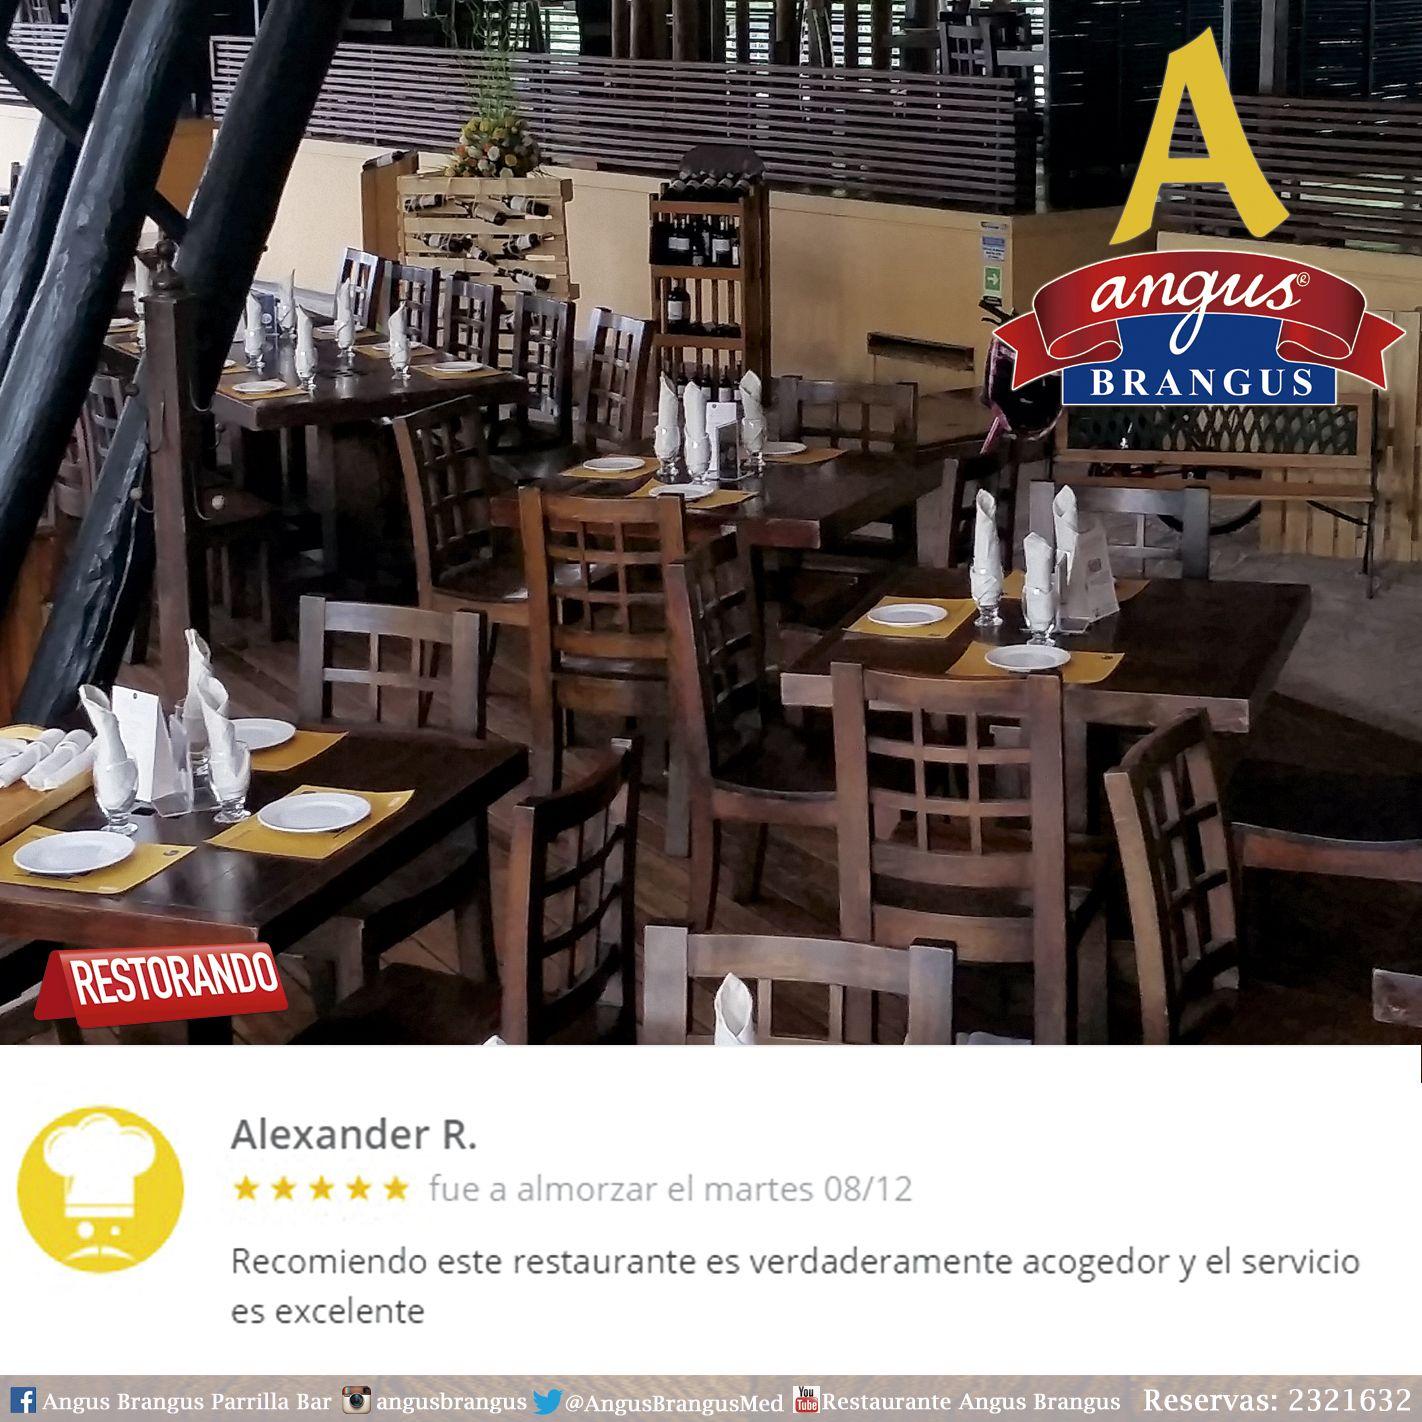 Recuerda dejarnos tu experiencia gastronómica, registrada a través de las redes sociales. Para nosotros es muy importante mejorar cada día.   #AngusBrangus #Restorando #Gastronomía #Medellín